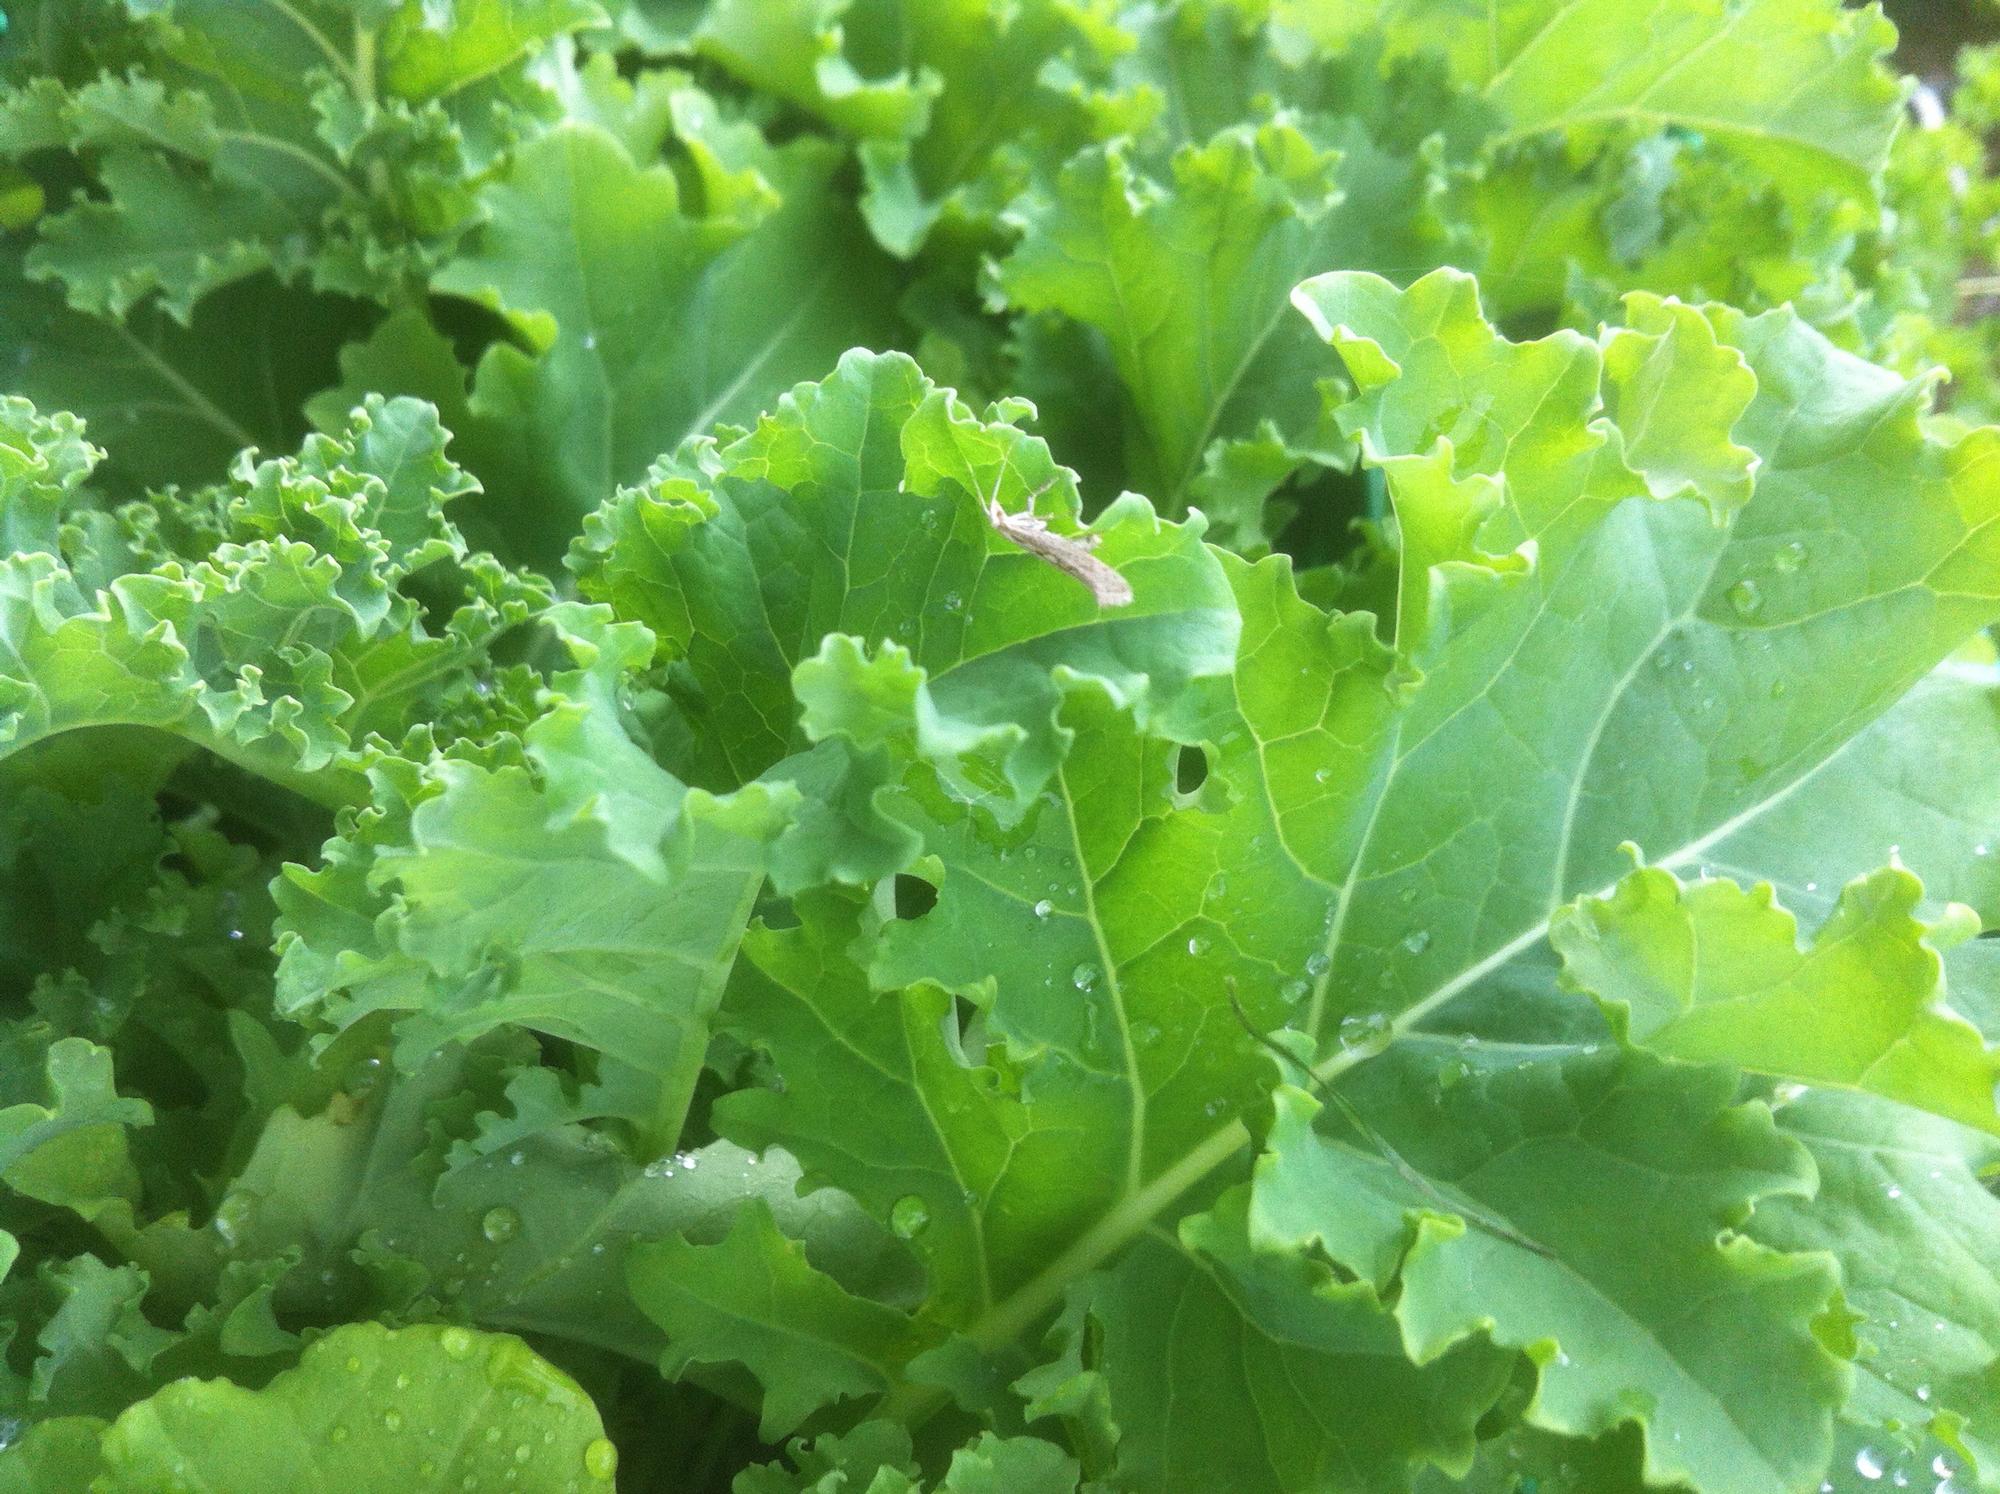 Kålmøll på grønnkålblad.